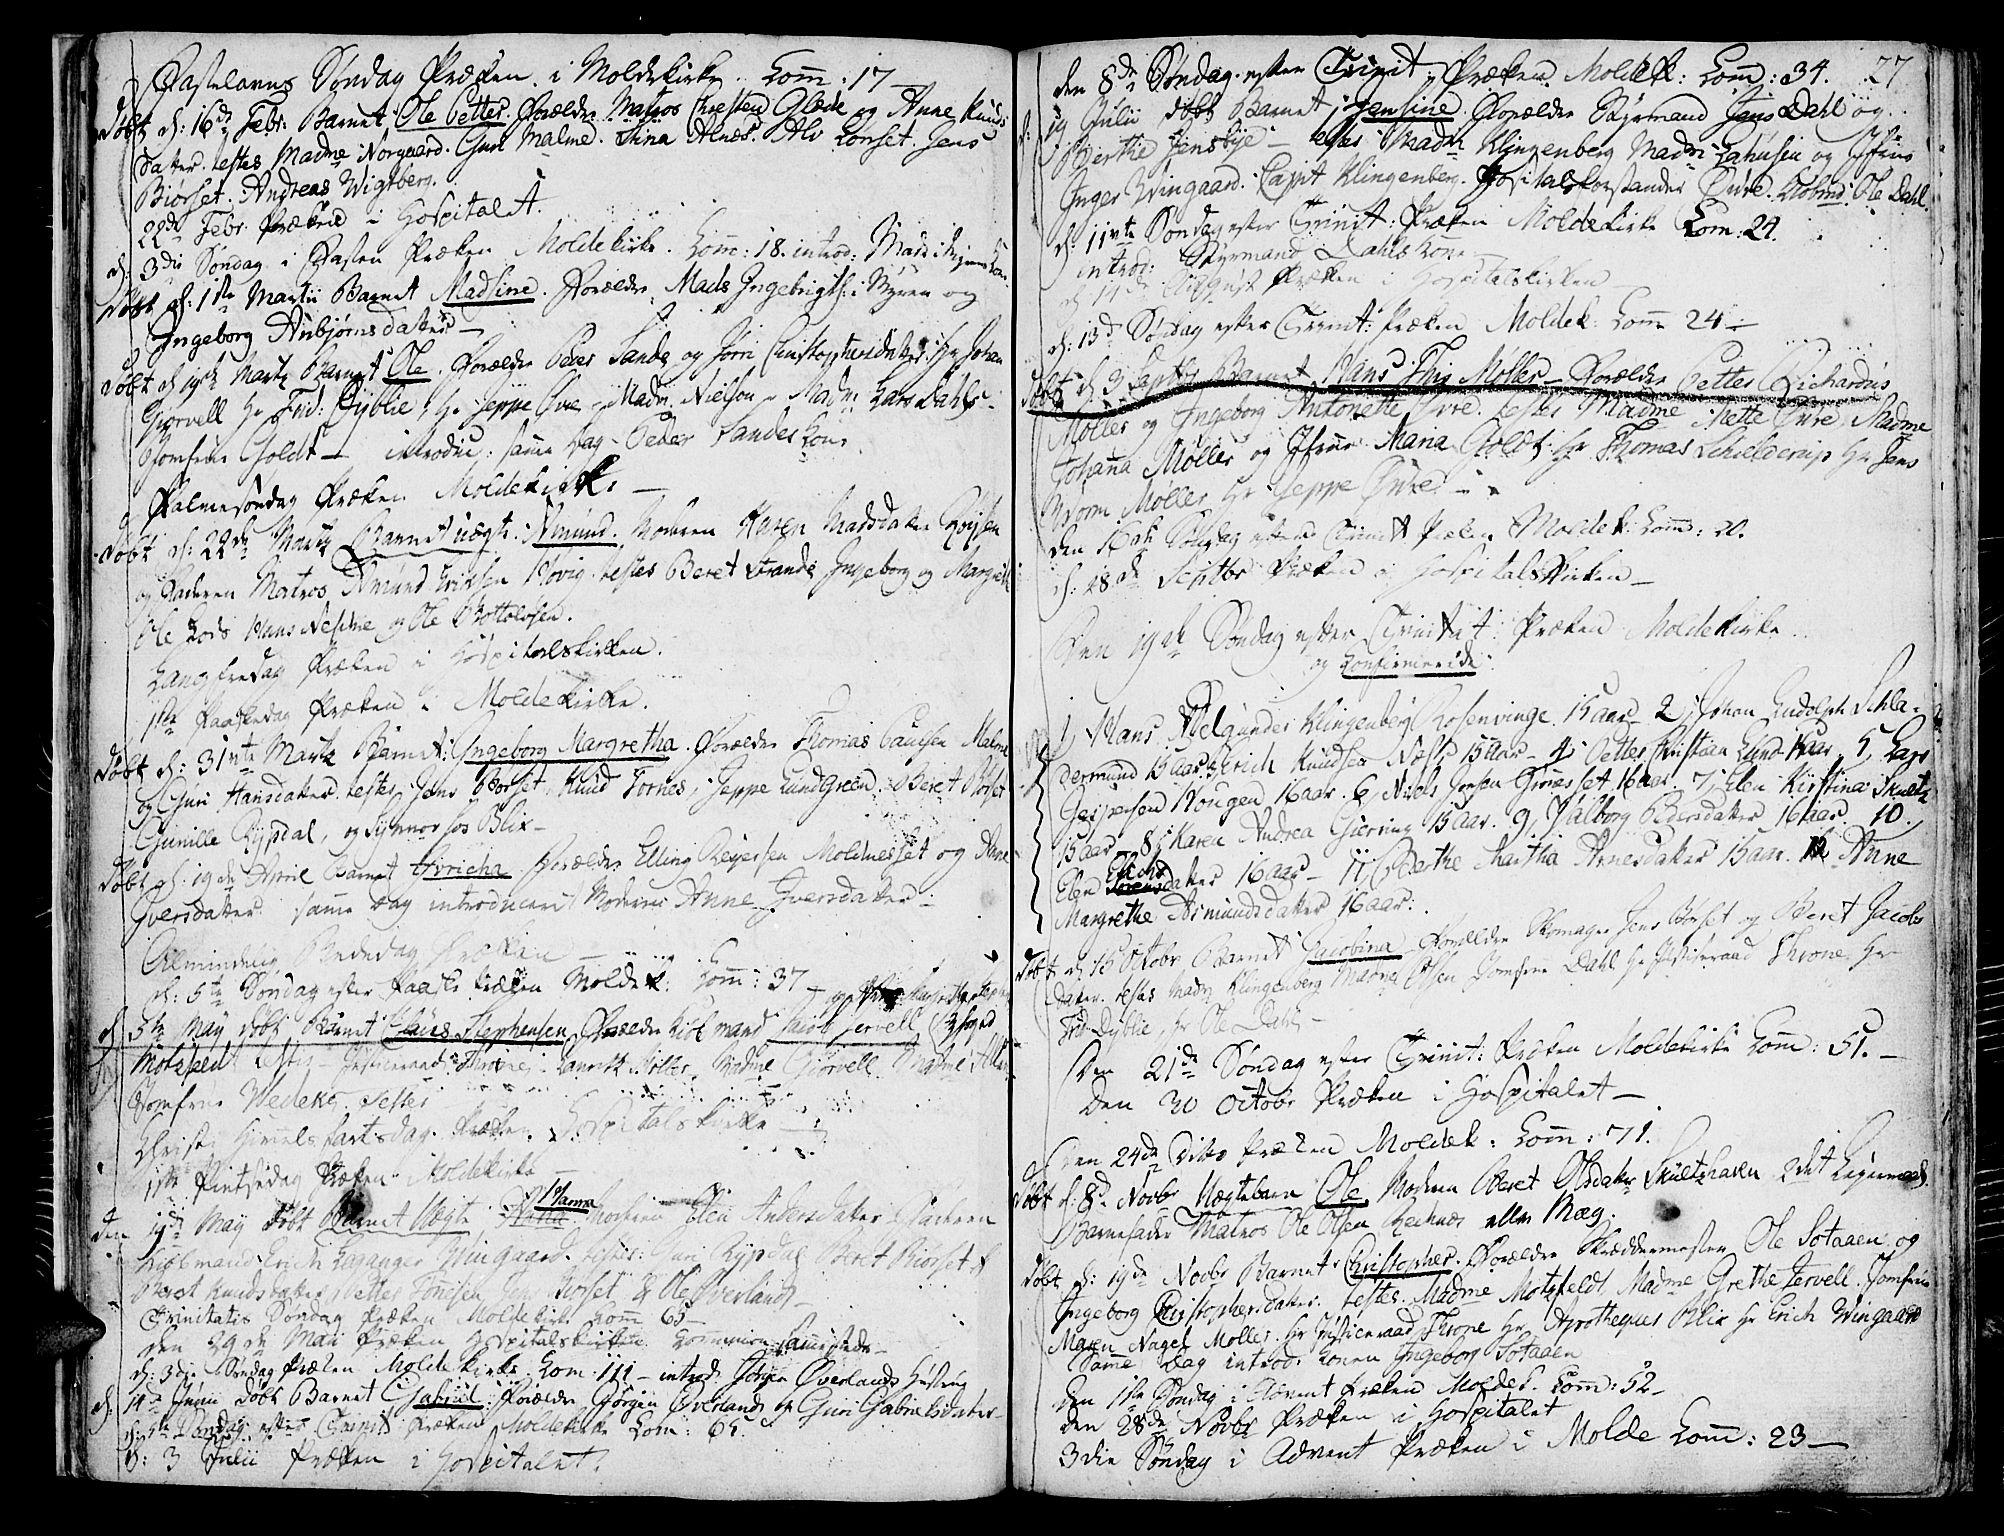 SAT, Ministerialprotokoller, klokkerbøker og fødselsregistre - Møre og Romsdal, 558/L0687: Ministerialbok nr. 558A01, 1798-1818, s. 27